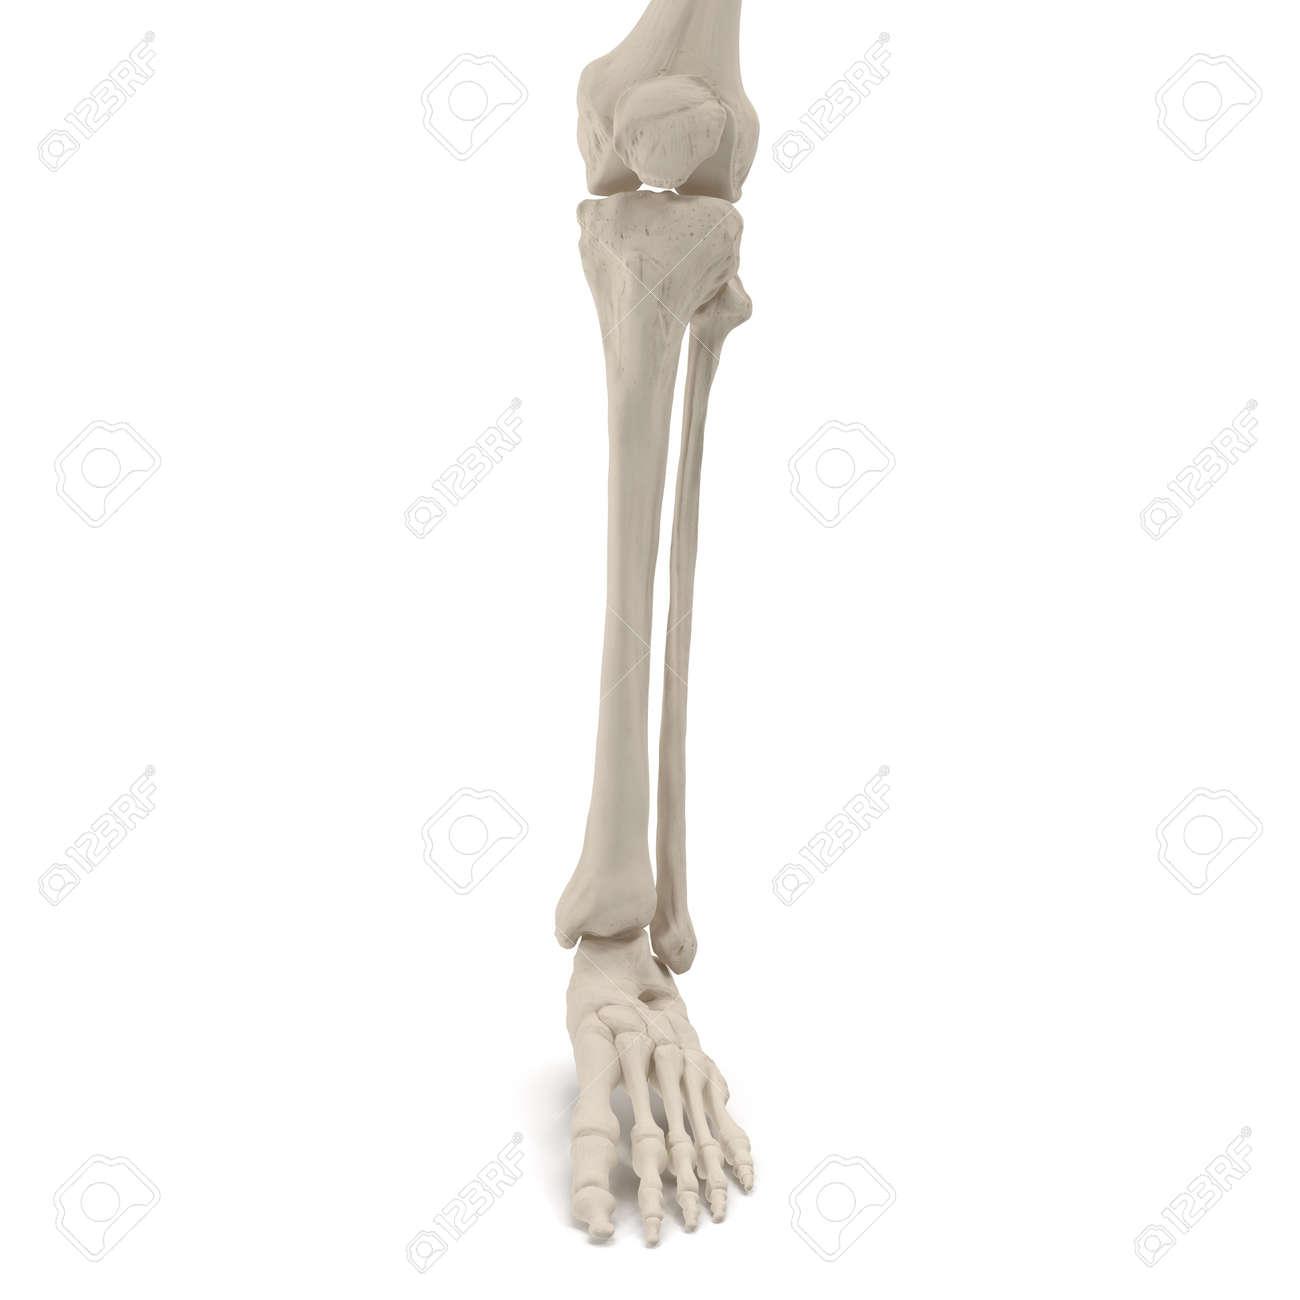 Human Legs Skeleton Bones On White 3d Illustration Stock Photo